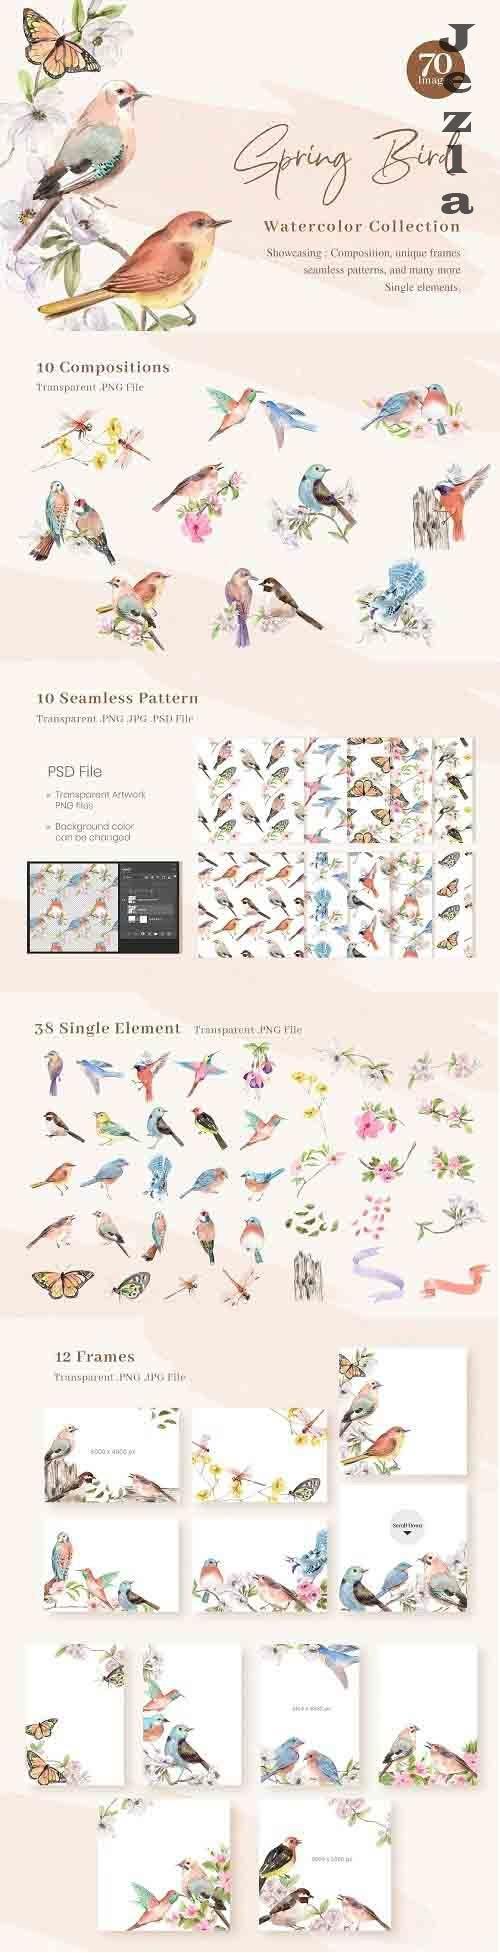 Spring Birds of Spring Watercolor - 6114931